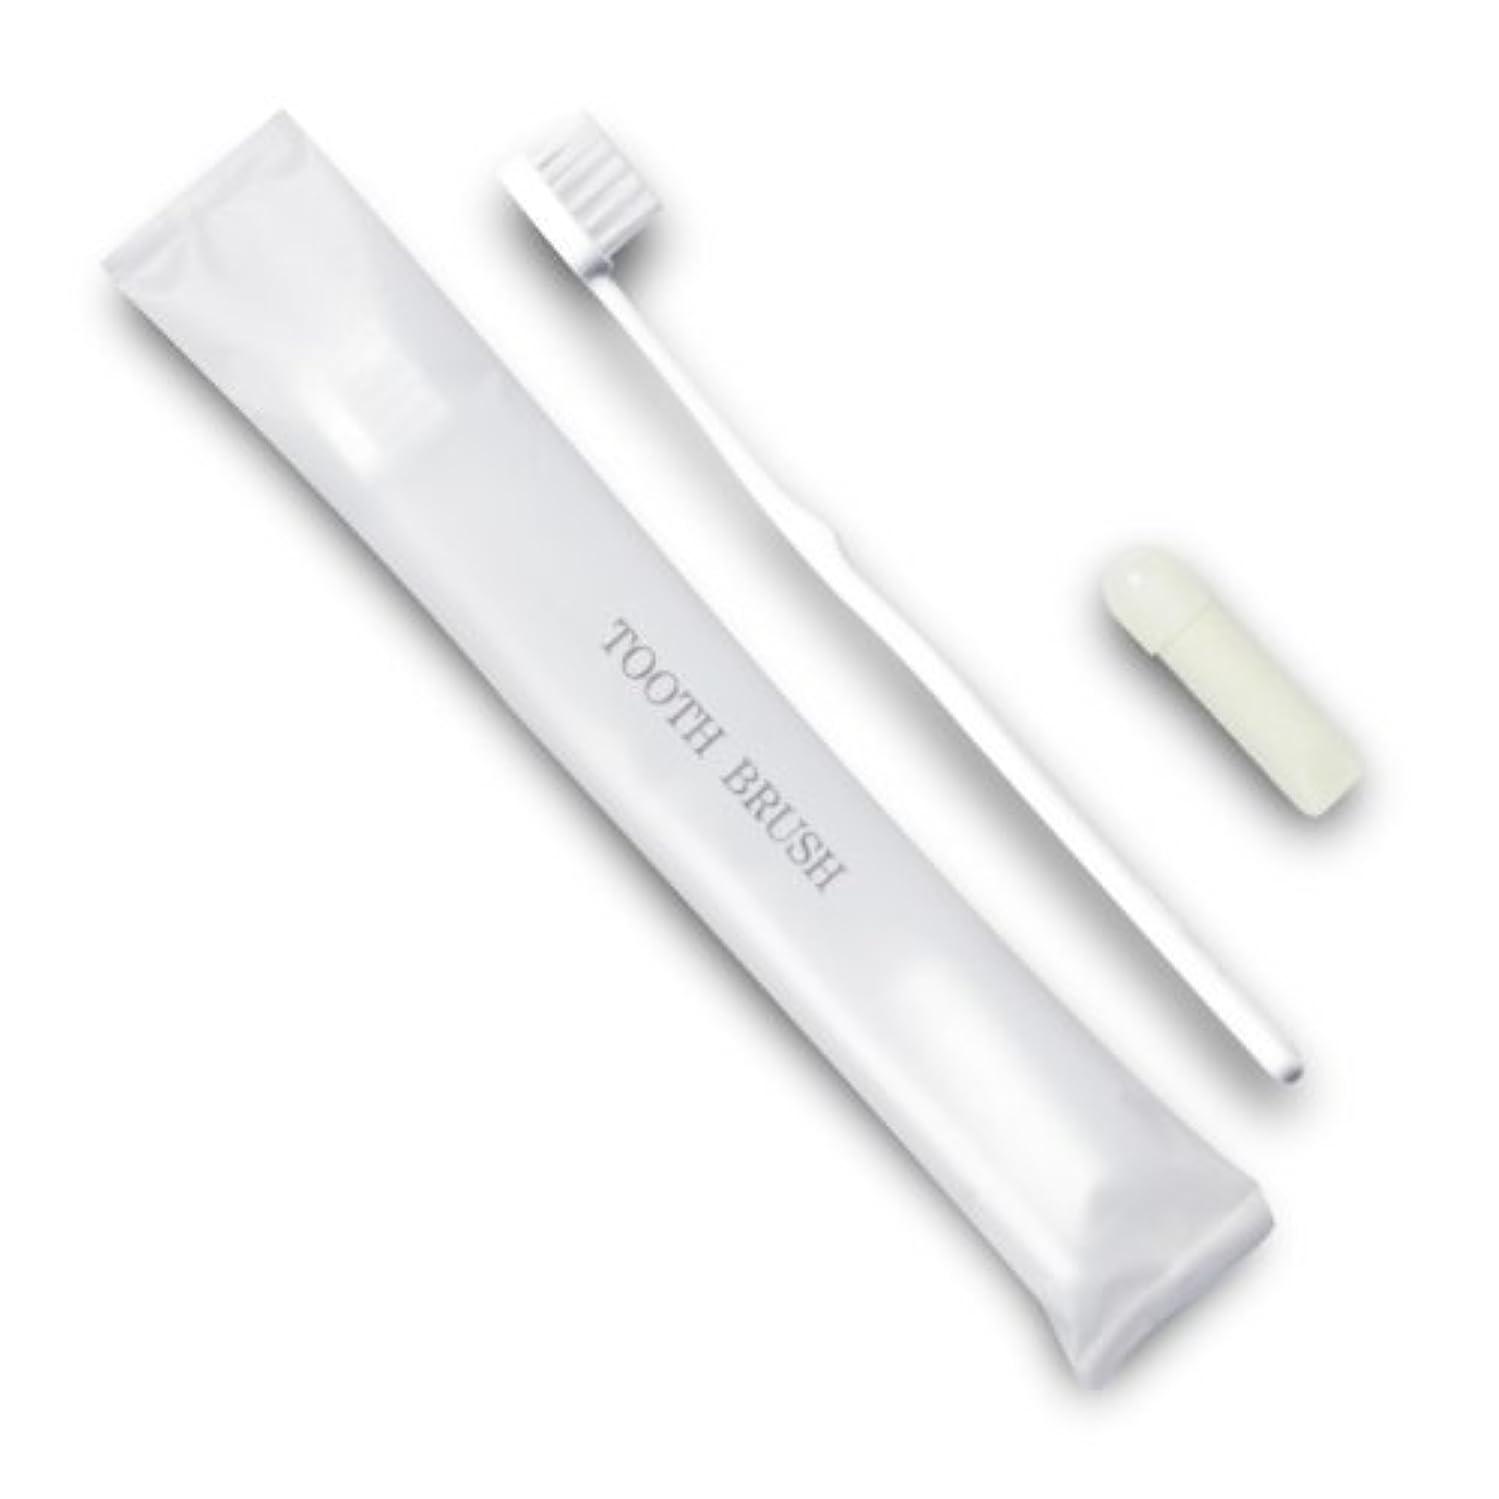 微弱ガジュマル改善するホテル業務用歯ブラシ21穴(白)3gチューブ マット袋FタイプDX 700本